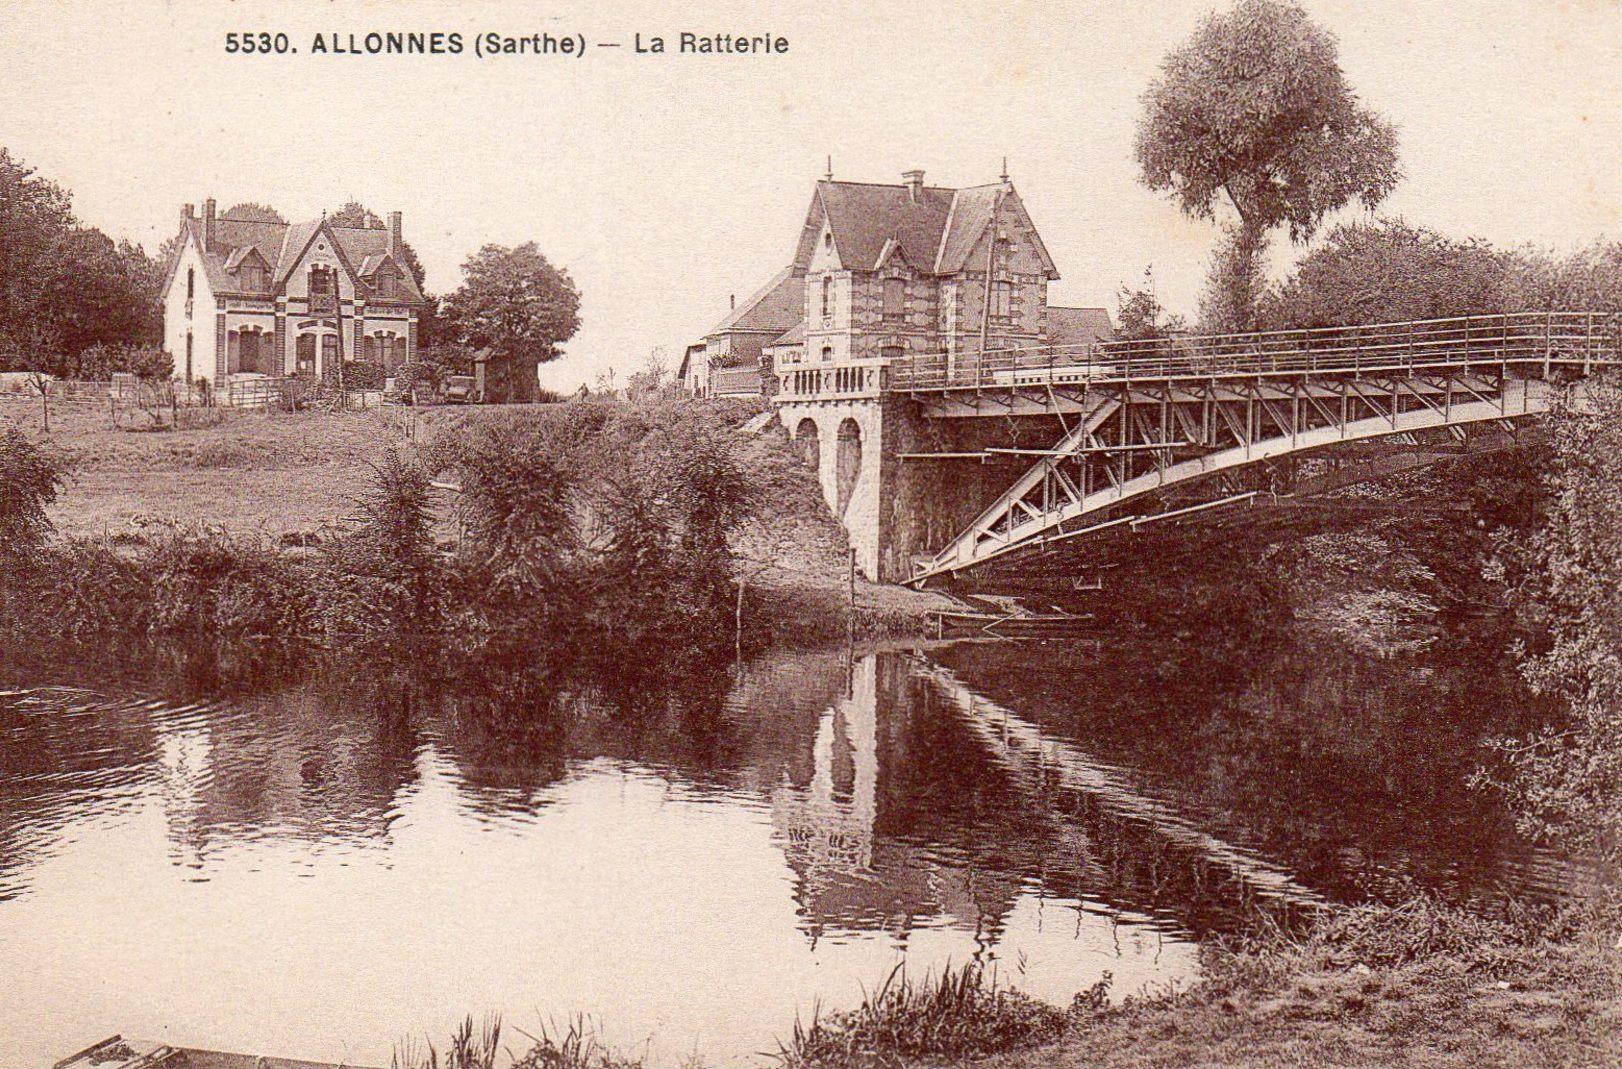 Allonnes - Ce pont pour le tramway était le jumeau de celui qui existe toujours à Fillé - Celui de la Raterie a été détruit en 1944 et sera remplacé quelques années plus tard par le pont dit « Arc en ciel » (Philippe Gondard)